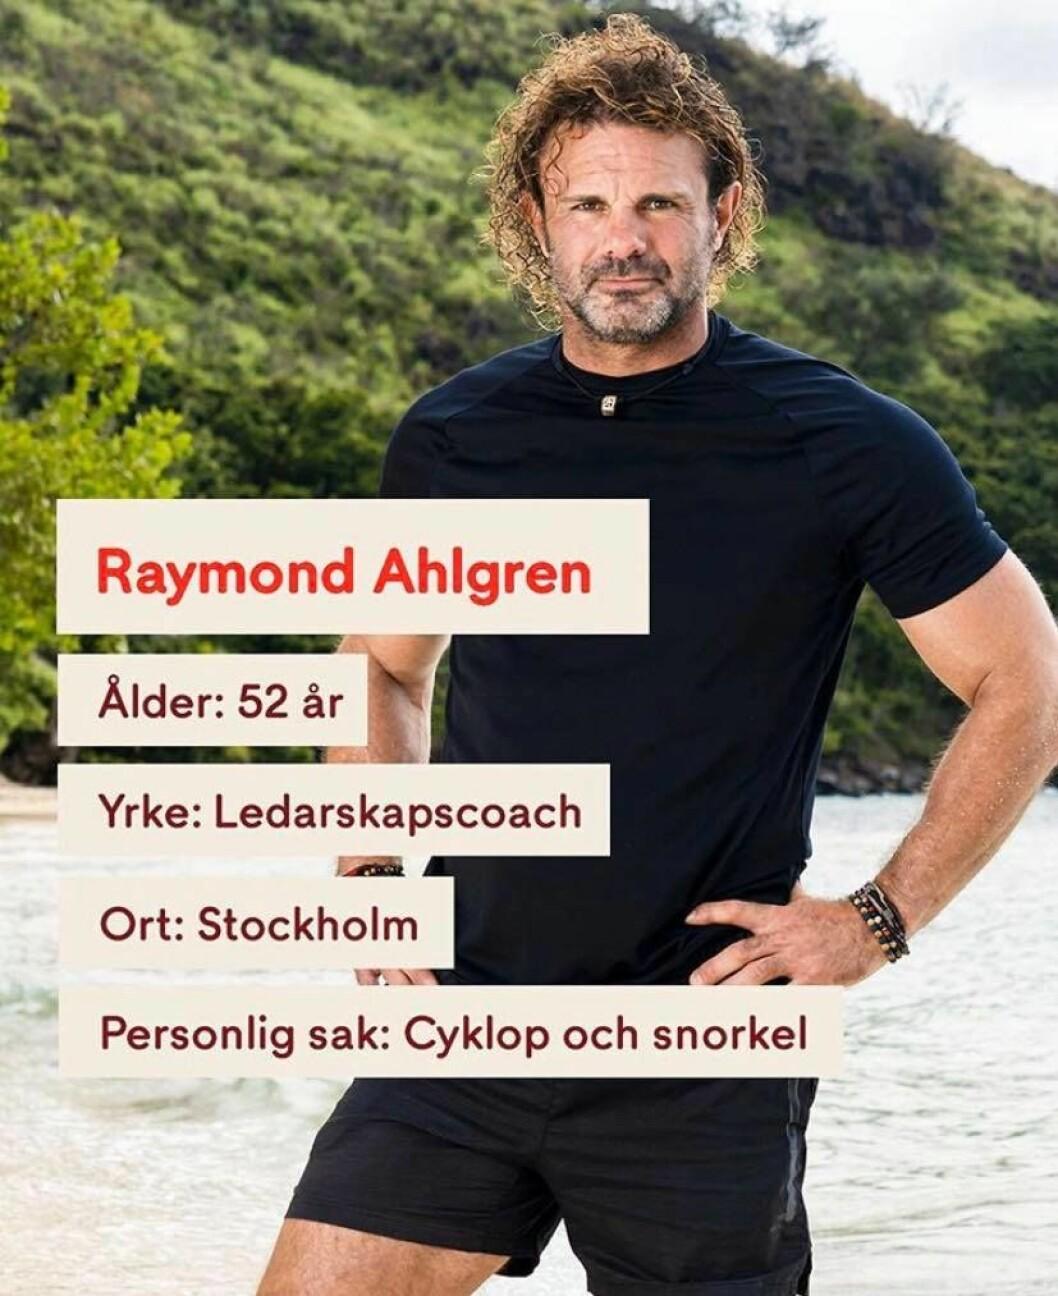 Det var 52-åriga Raymond Ahlgren som högg sig i foten under Robinson 2020